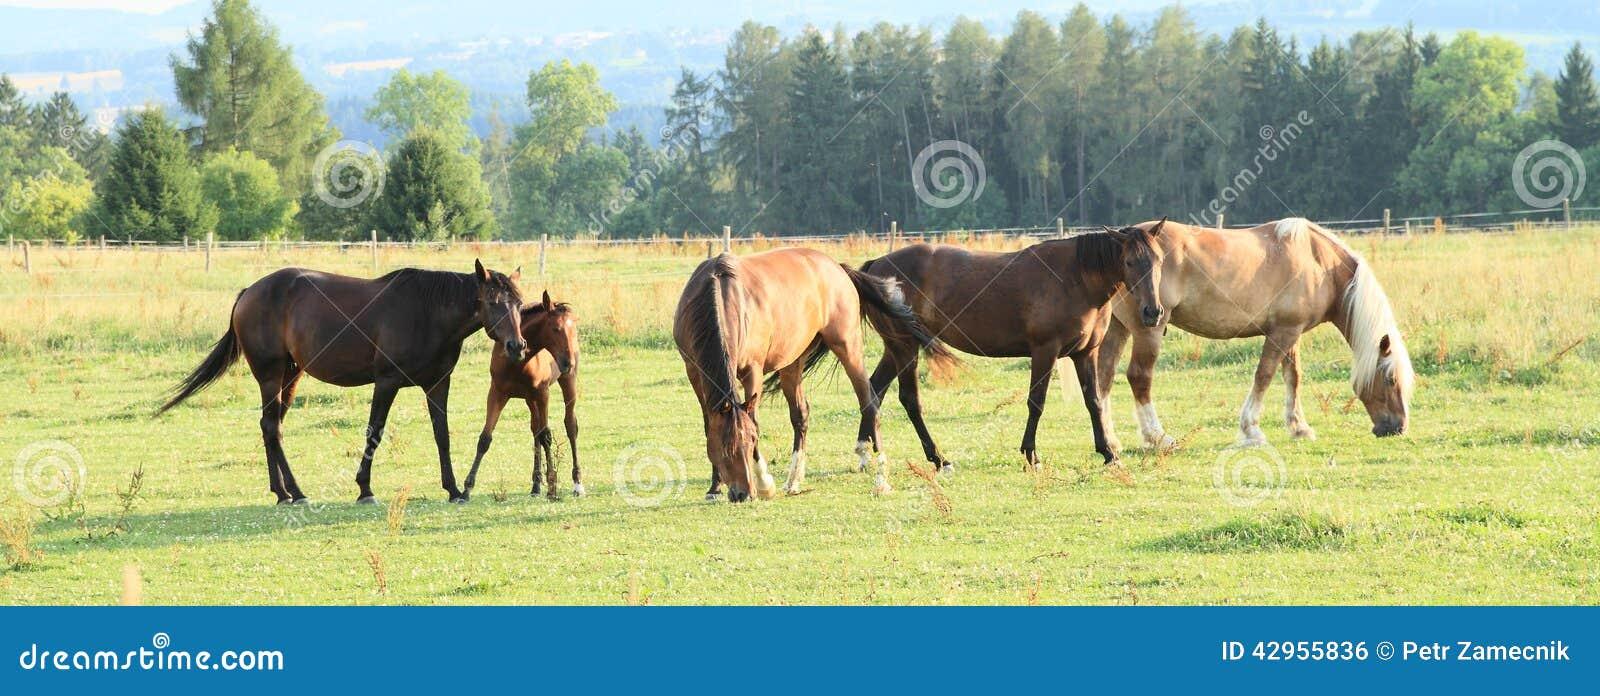 Herd od horses